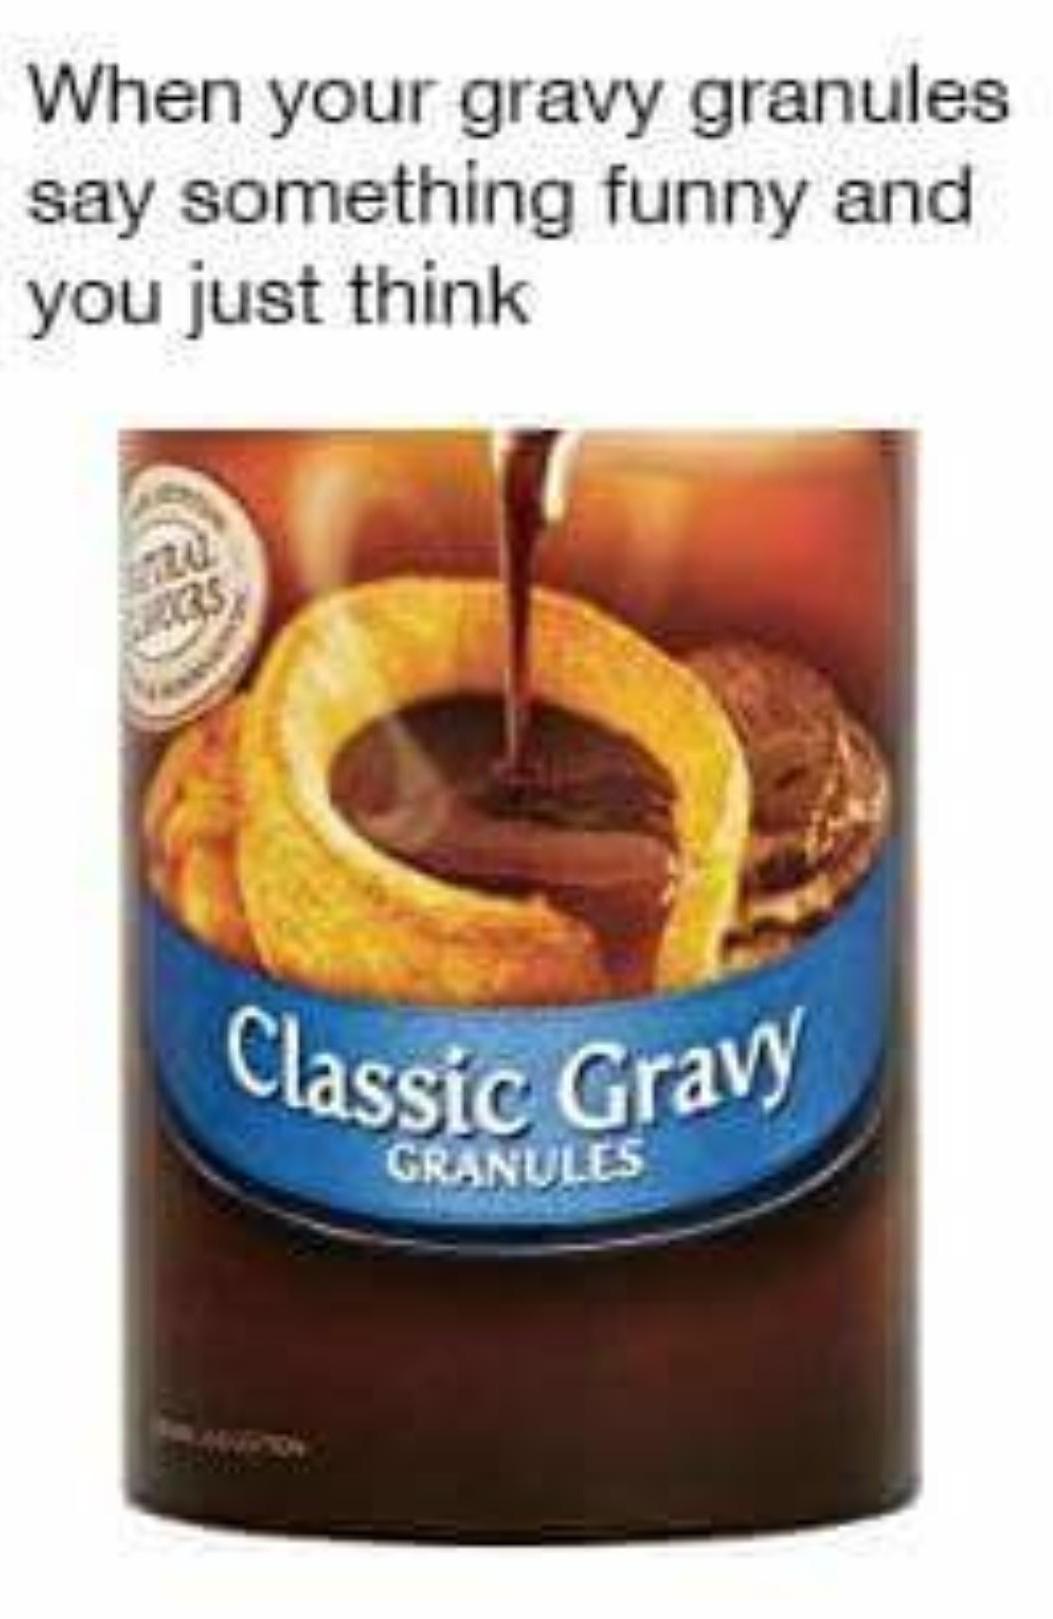 Gravy Granules - meme